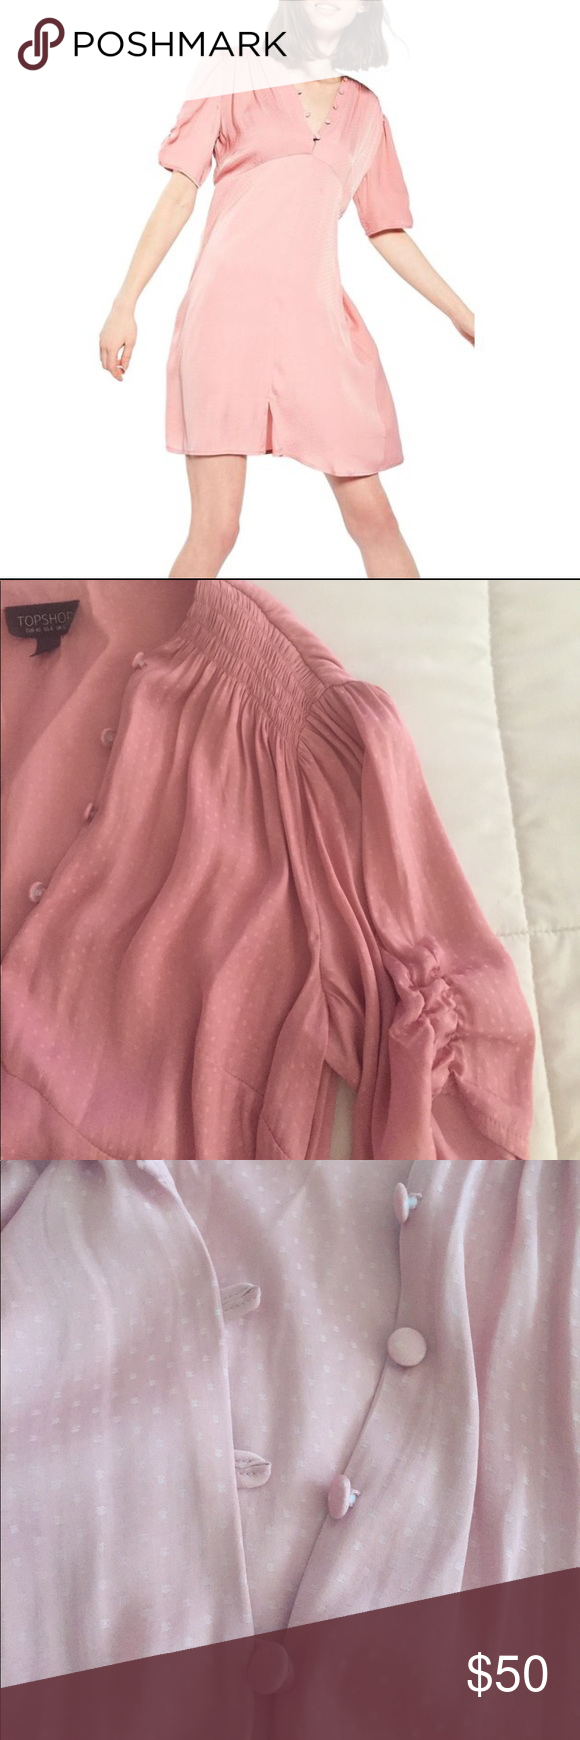 Pink dress topshop  Topshop Pink Jaquard Spot Mini Tea Dress Brand new Still has tags